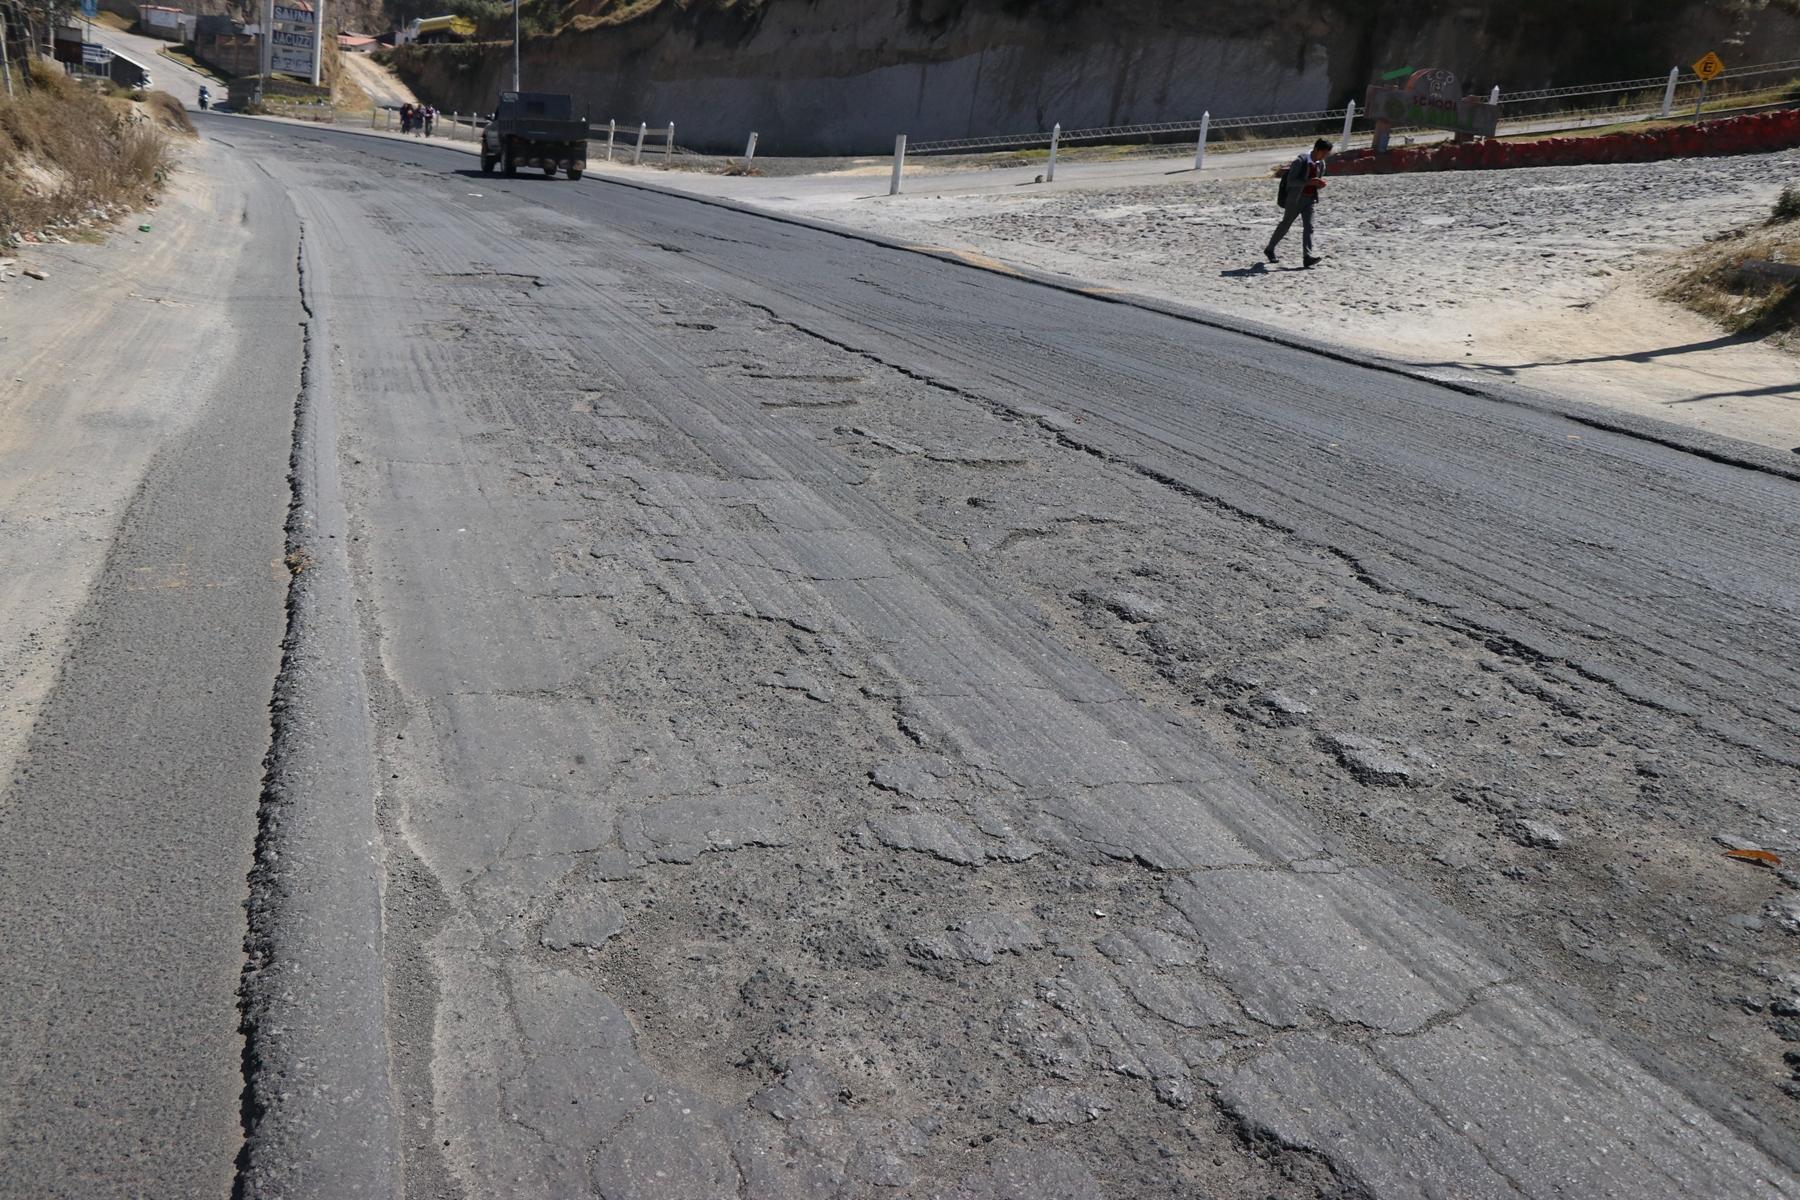 Pilotos que utilizan la carretera entre Xela y Cantel aseguran que sus vehiculos resultan dañados por el mal estado del camino. (Foto Prensa Libre: María Longo)